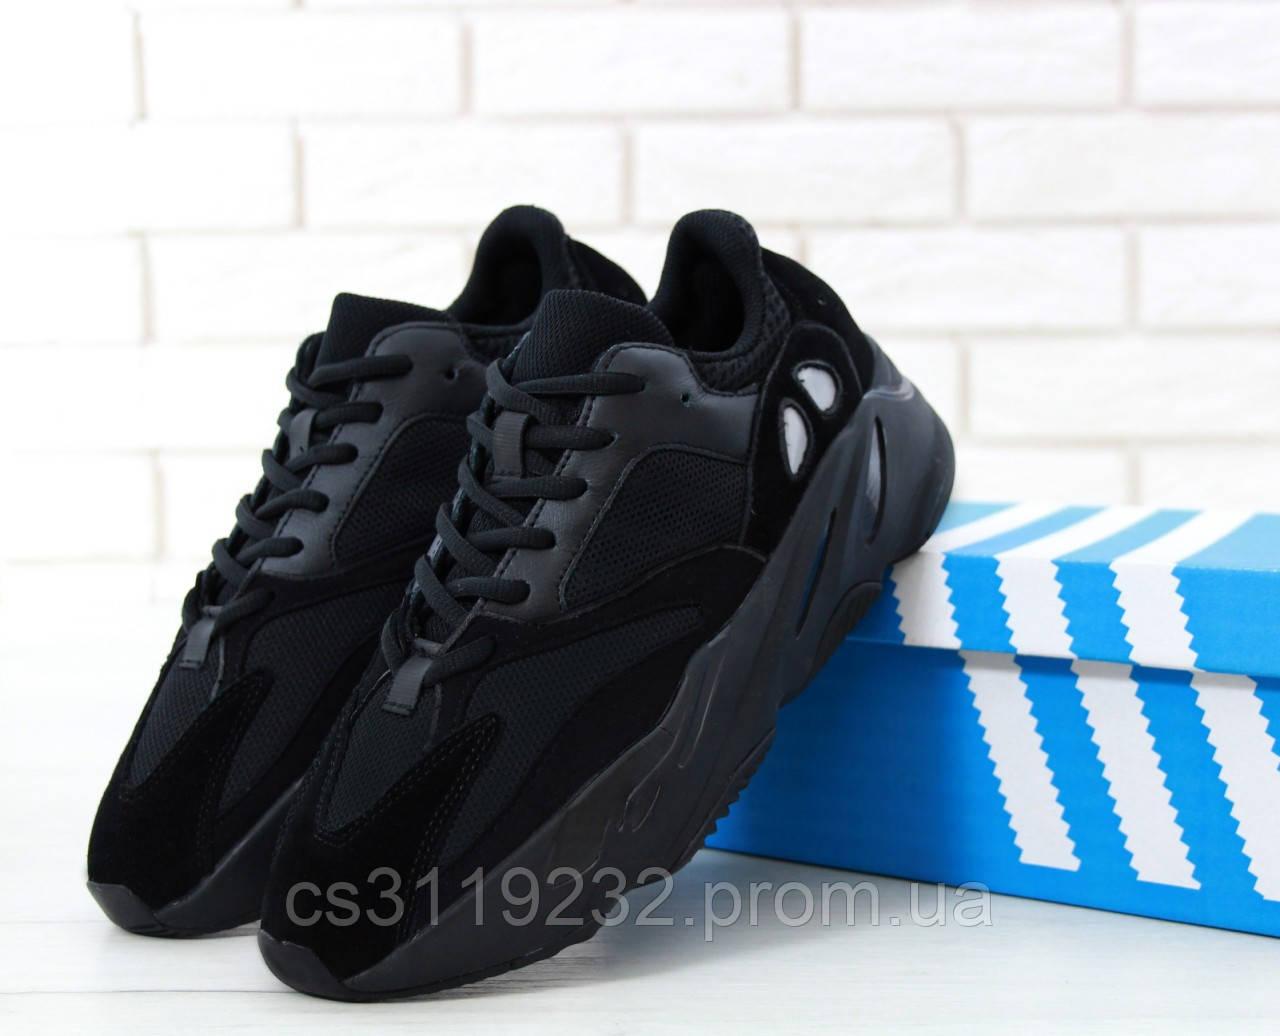 Мужские кроссовки Adidas Yezzy Boost Wave Runner  700 (черные)